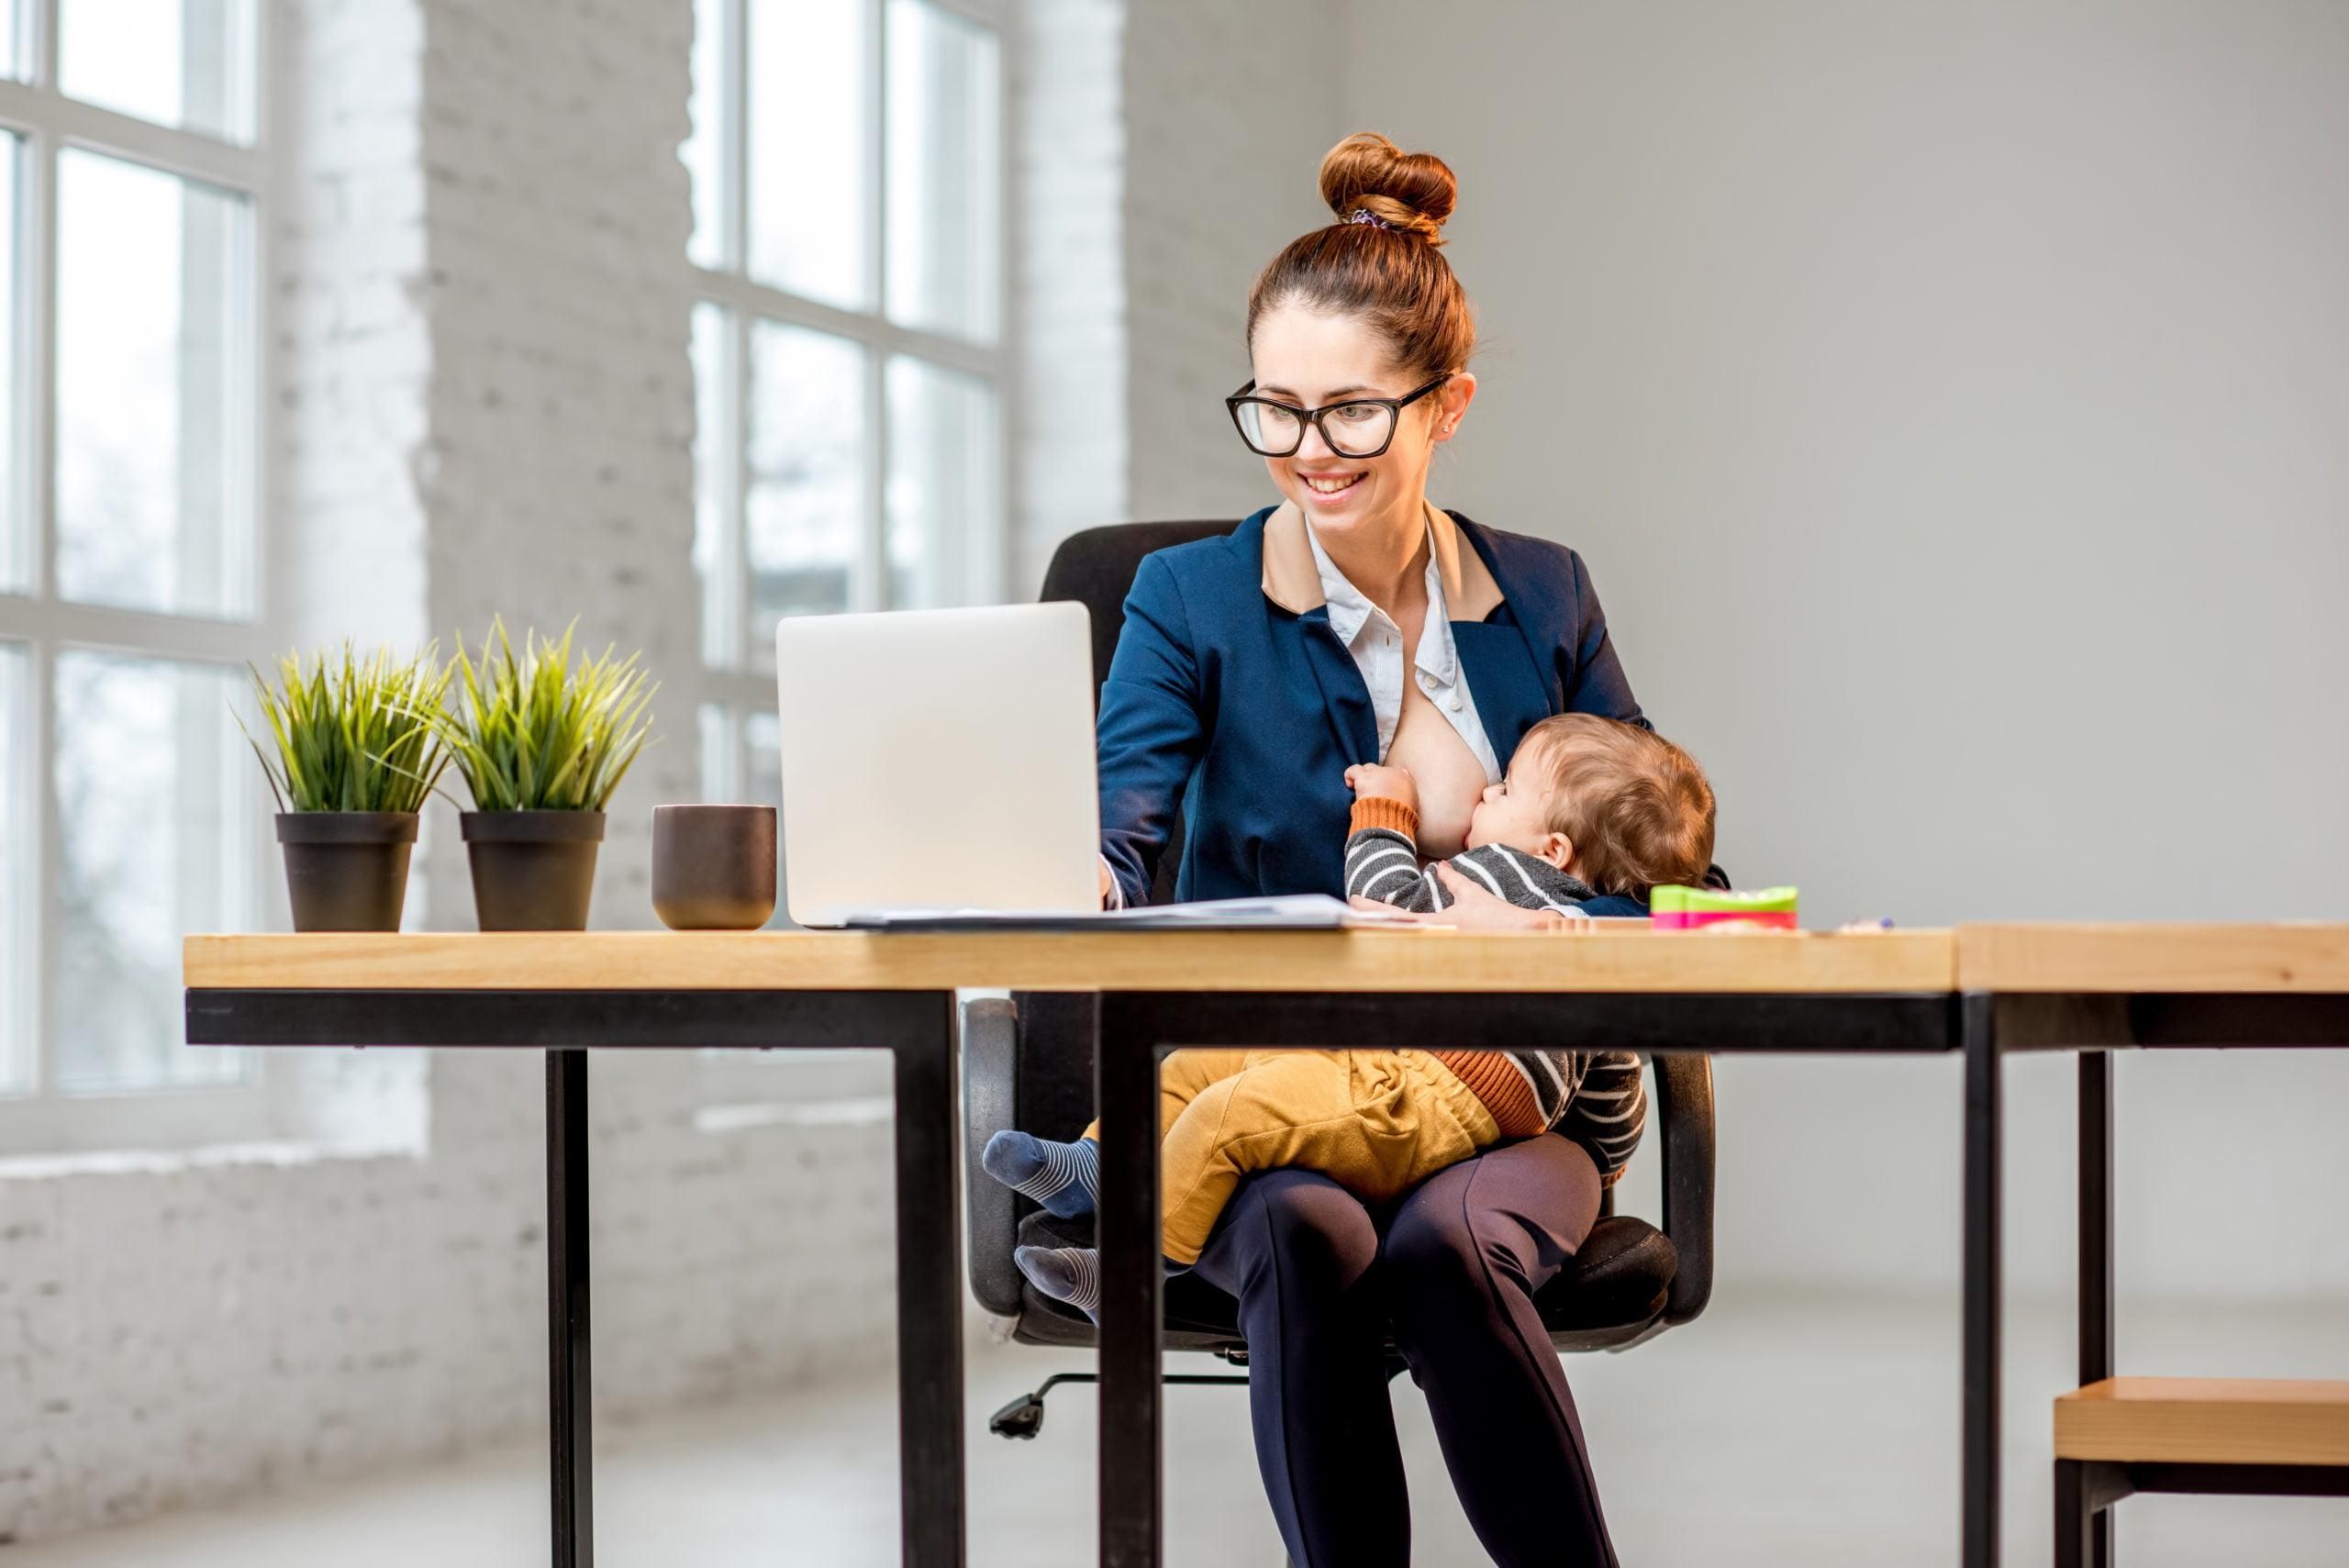 entrepreneure allaitant son bébé